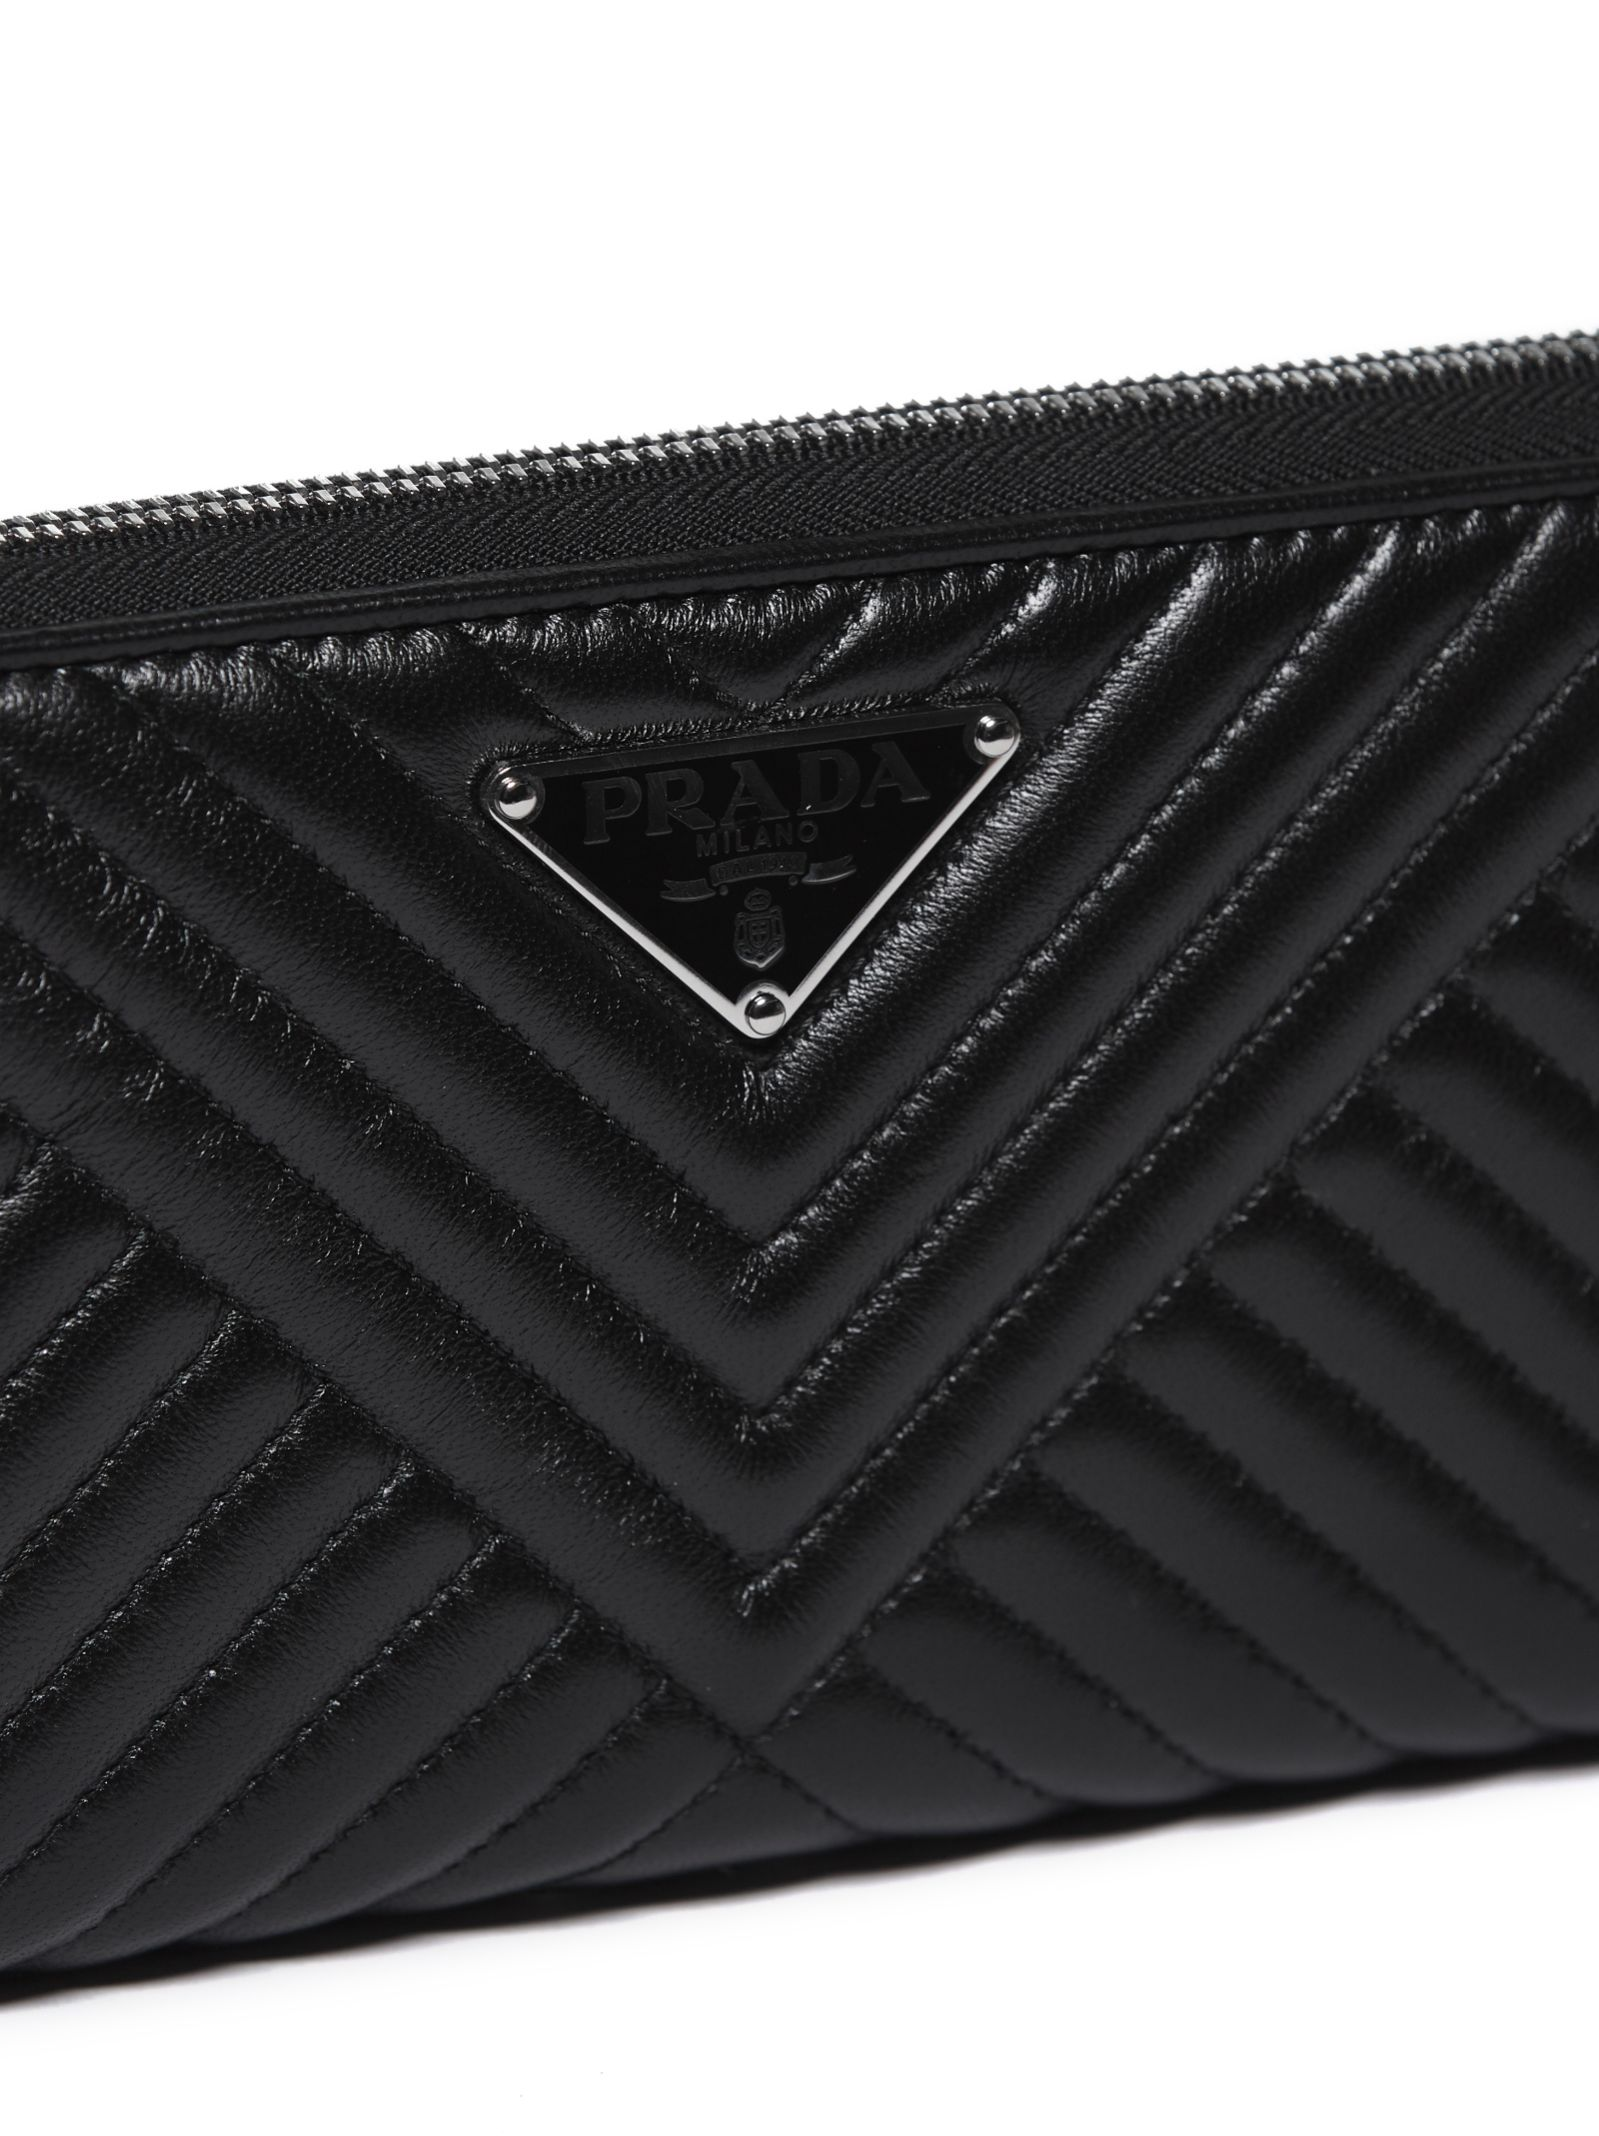 d2abd0063227 Prada Prada Saffiano Quilted Zip Around Wallet - Nero - 10774266 ...